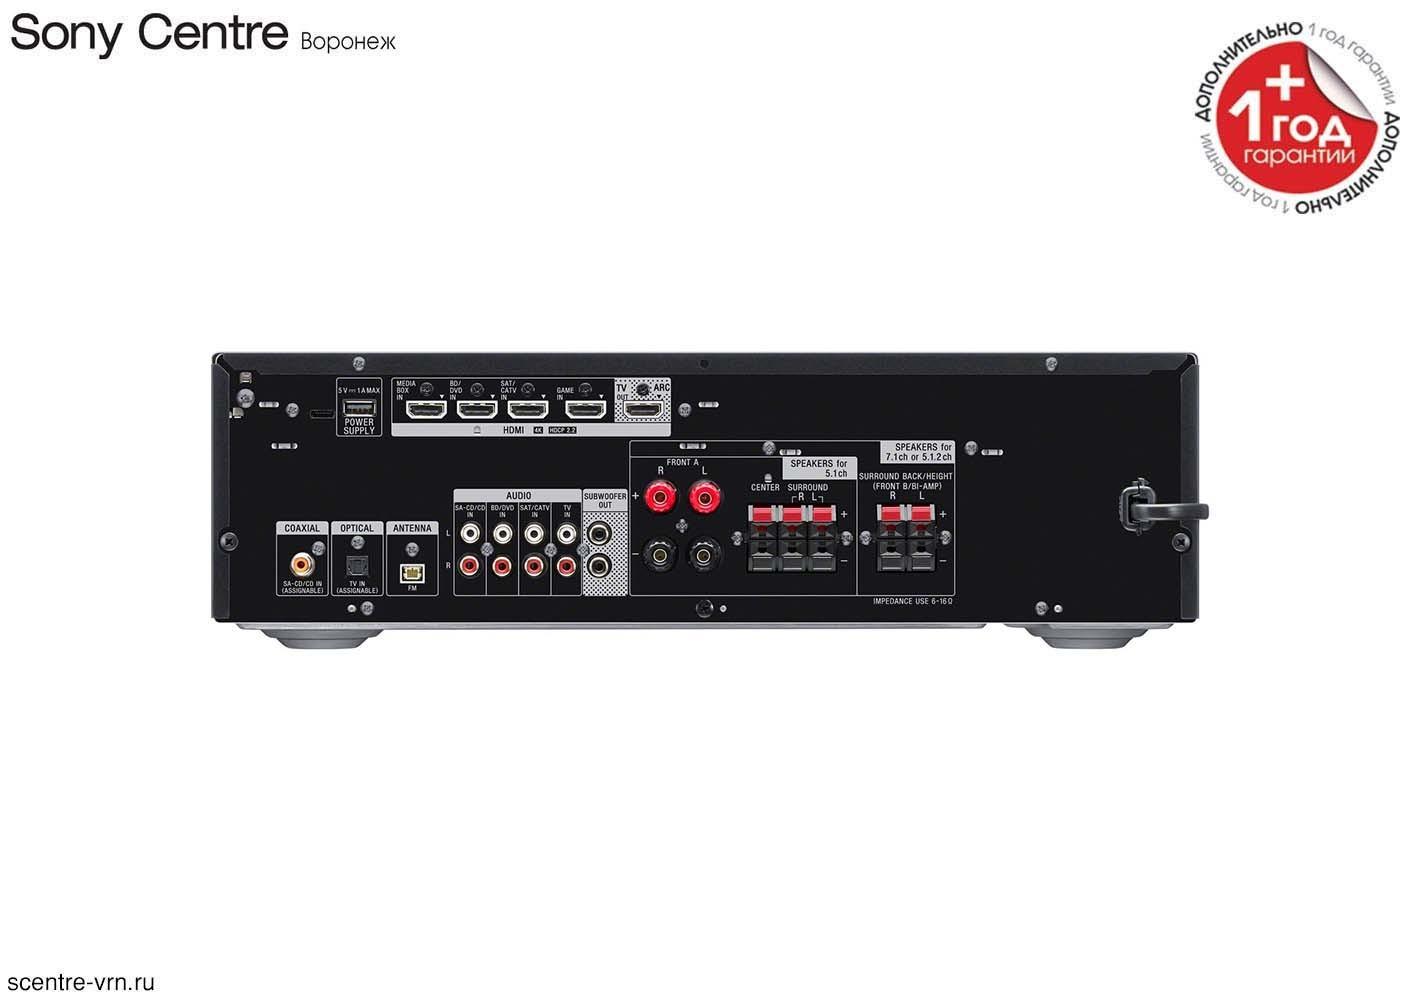 Ресивер STR-DH790 купить в интернет-магазине Sony Centre